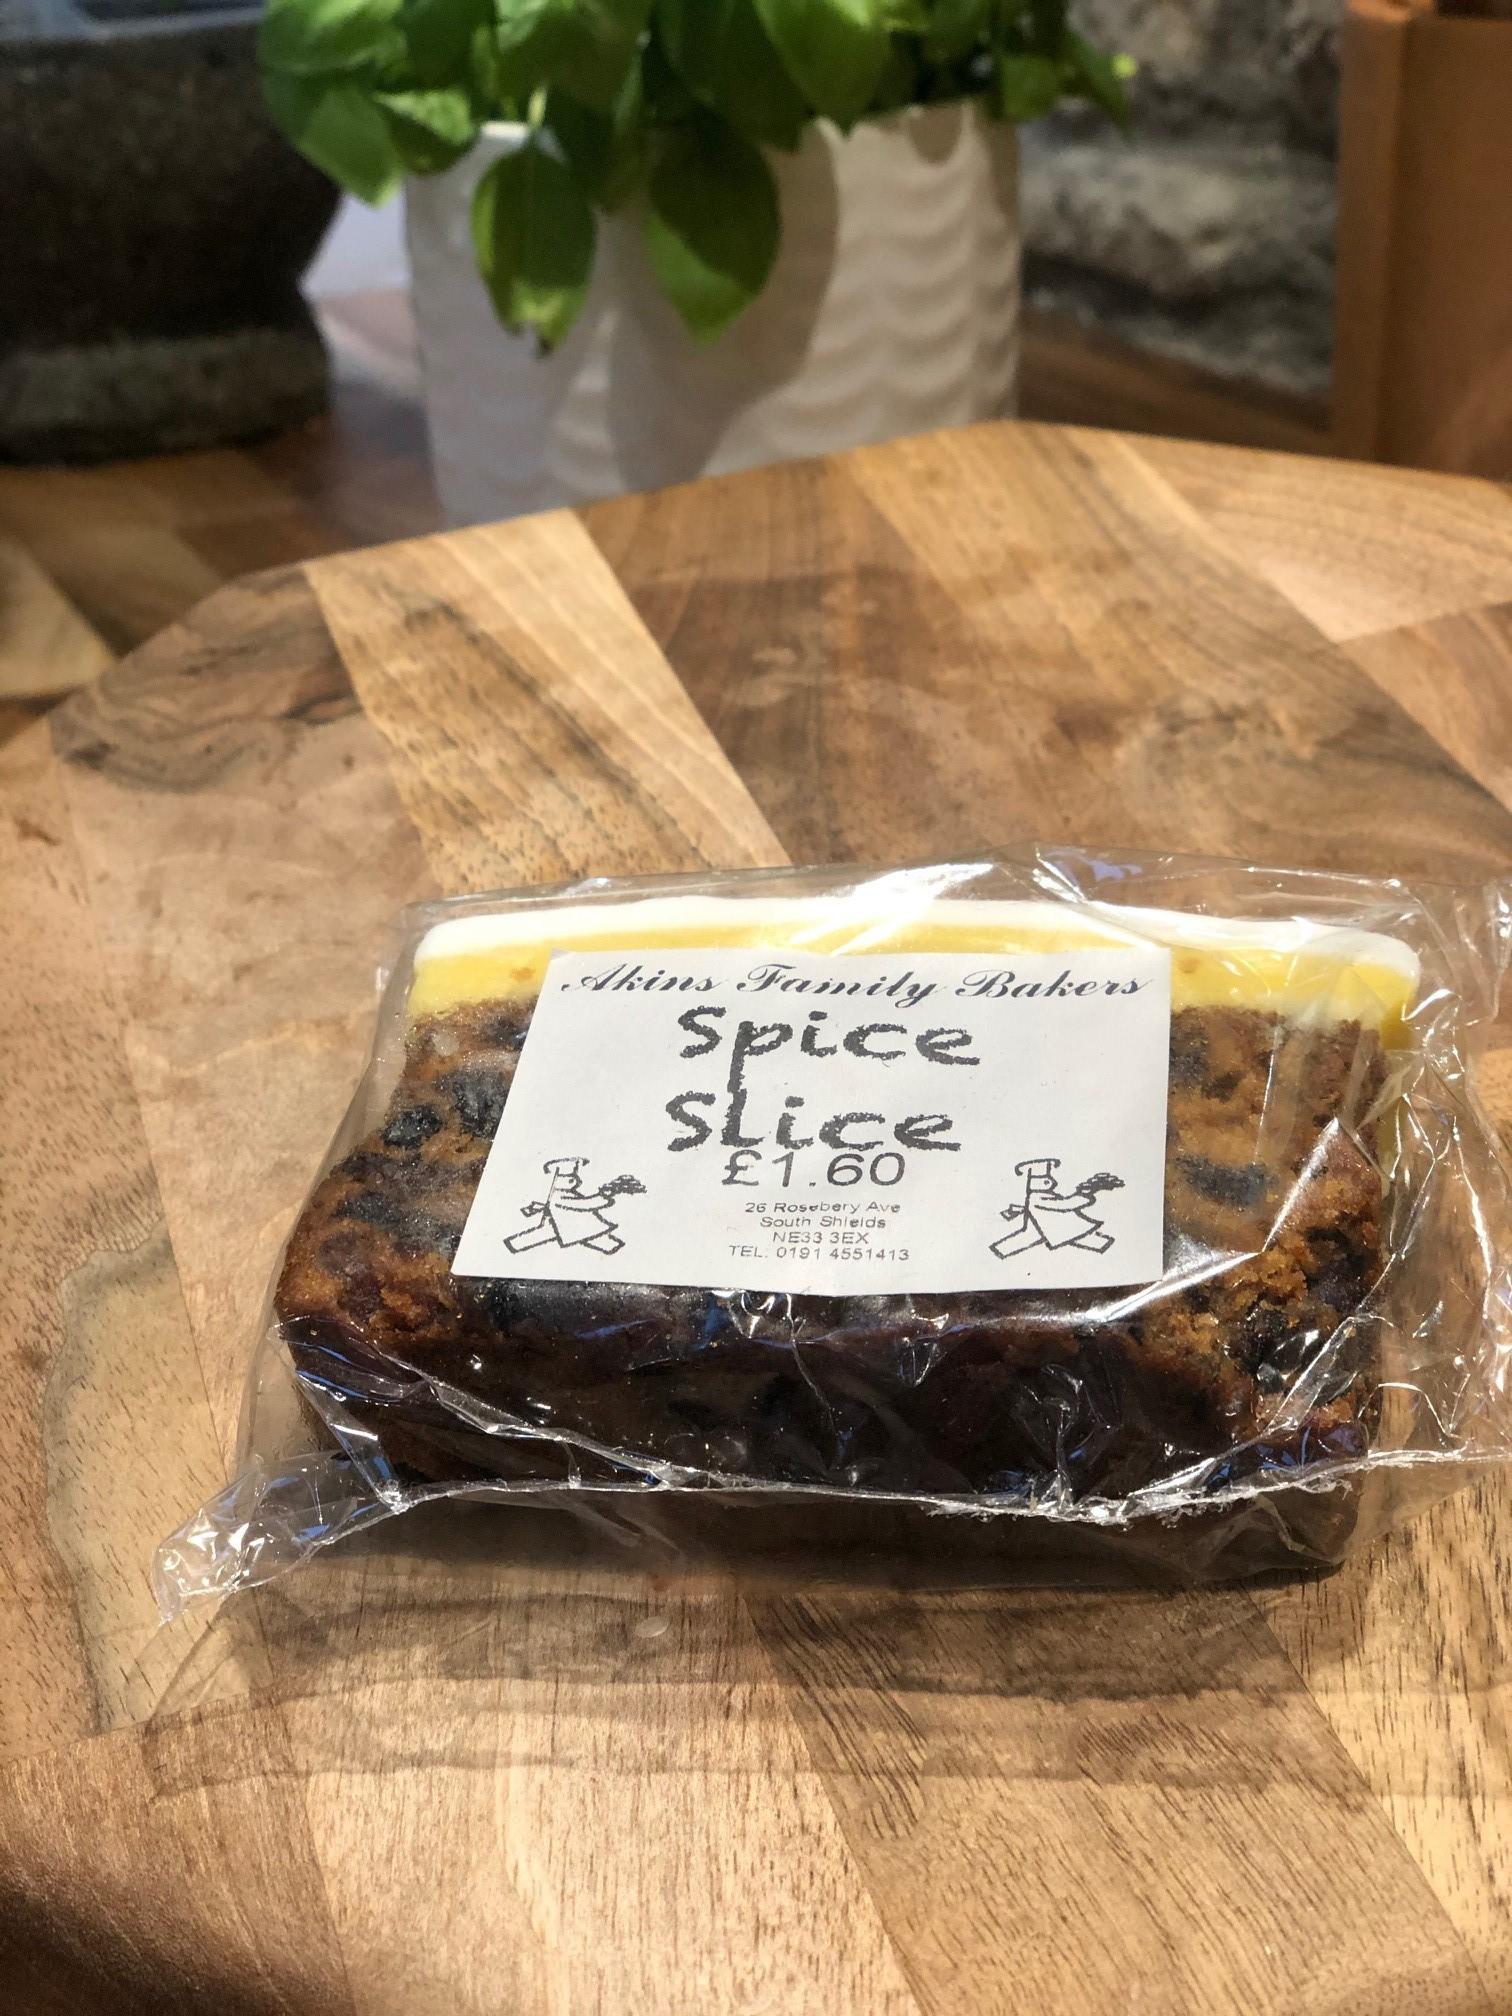 Akin's Spice Slice